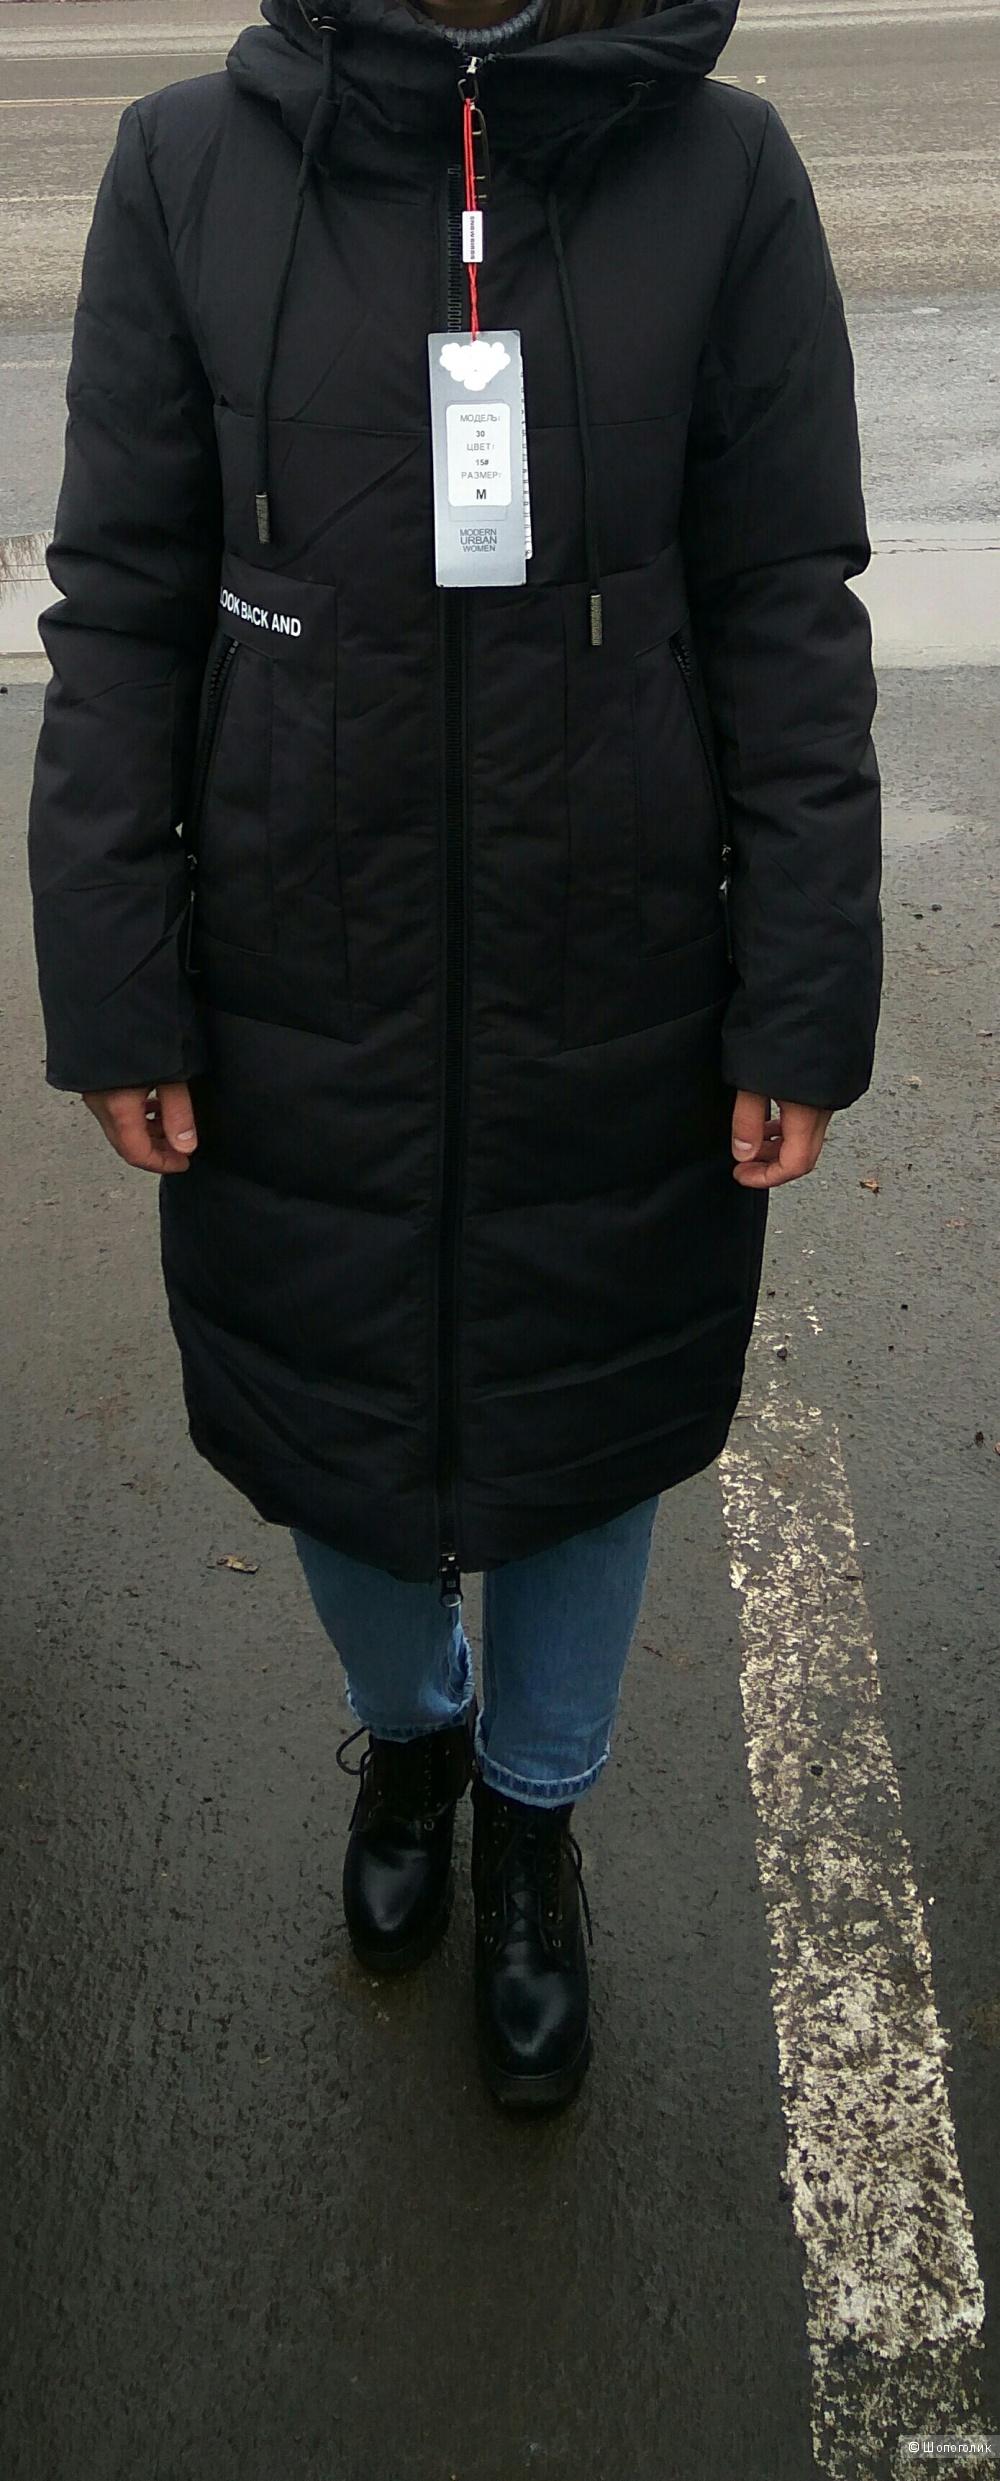 Зимняя куртка черного цвета, длиной ниже колен.